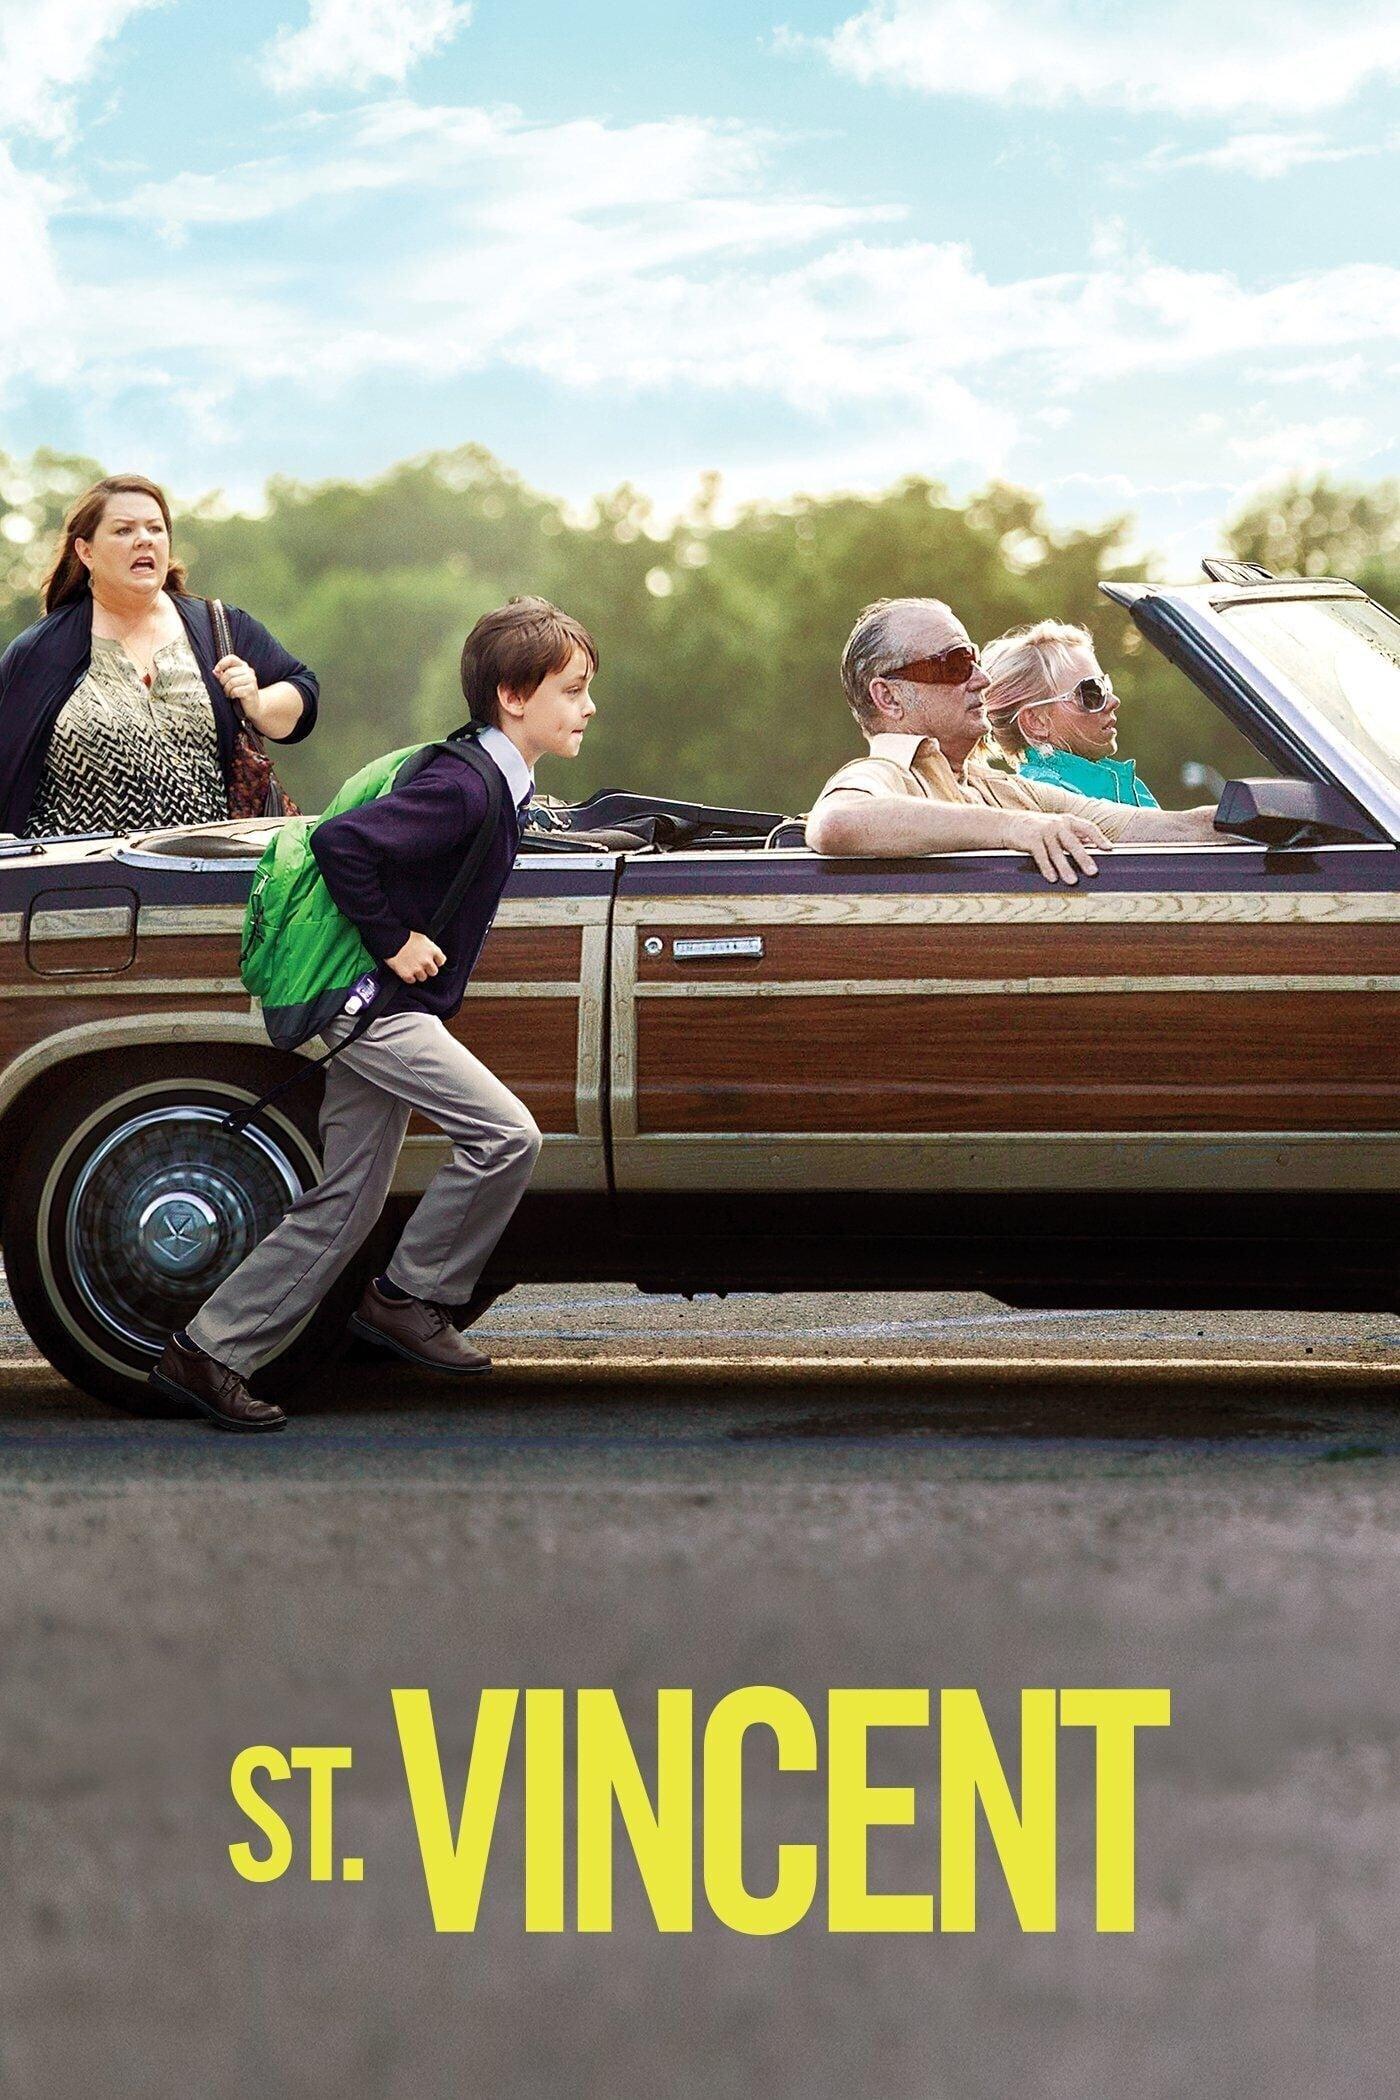 St. Vincent (2014)